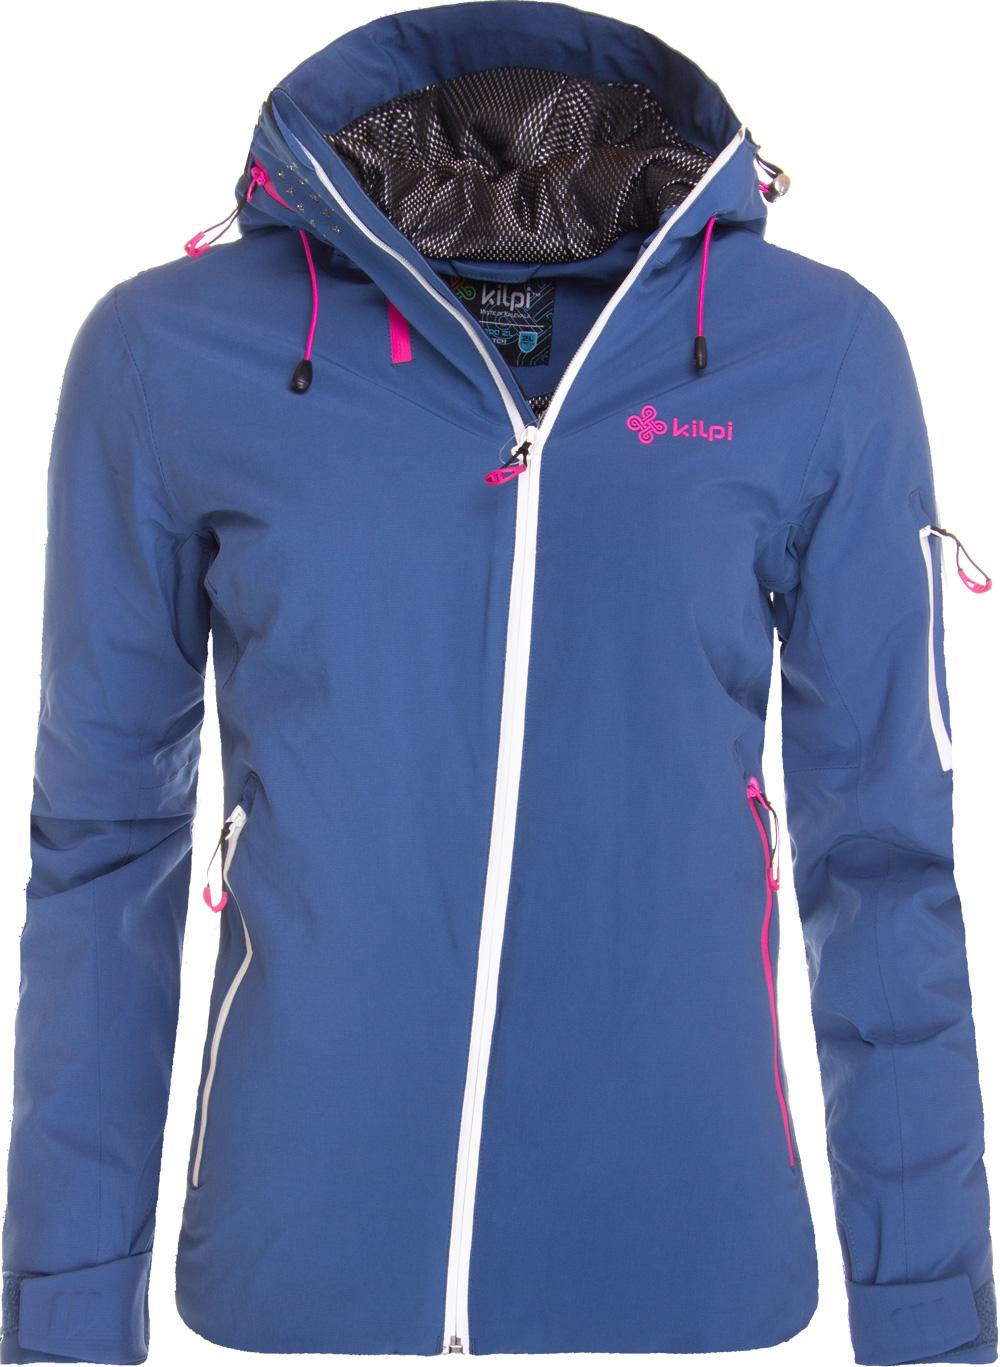 Ski jacket women's Kilpi ASIMETRIX-W